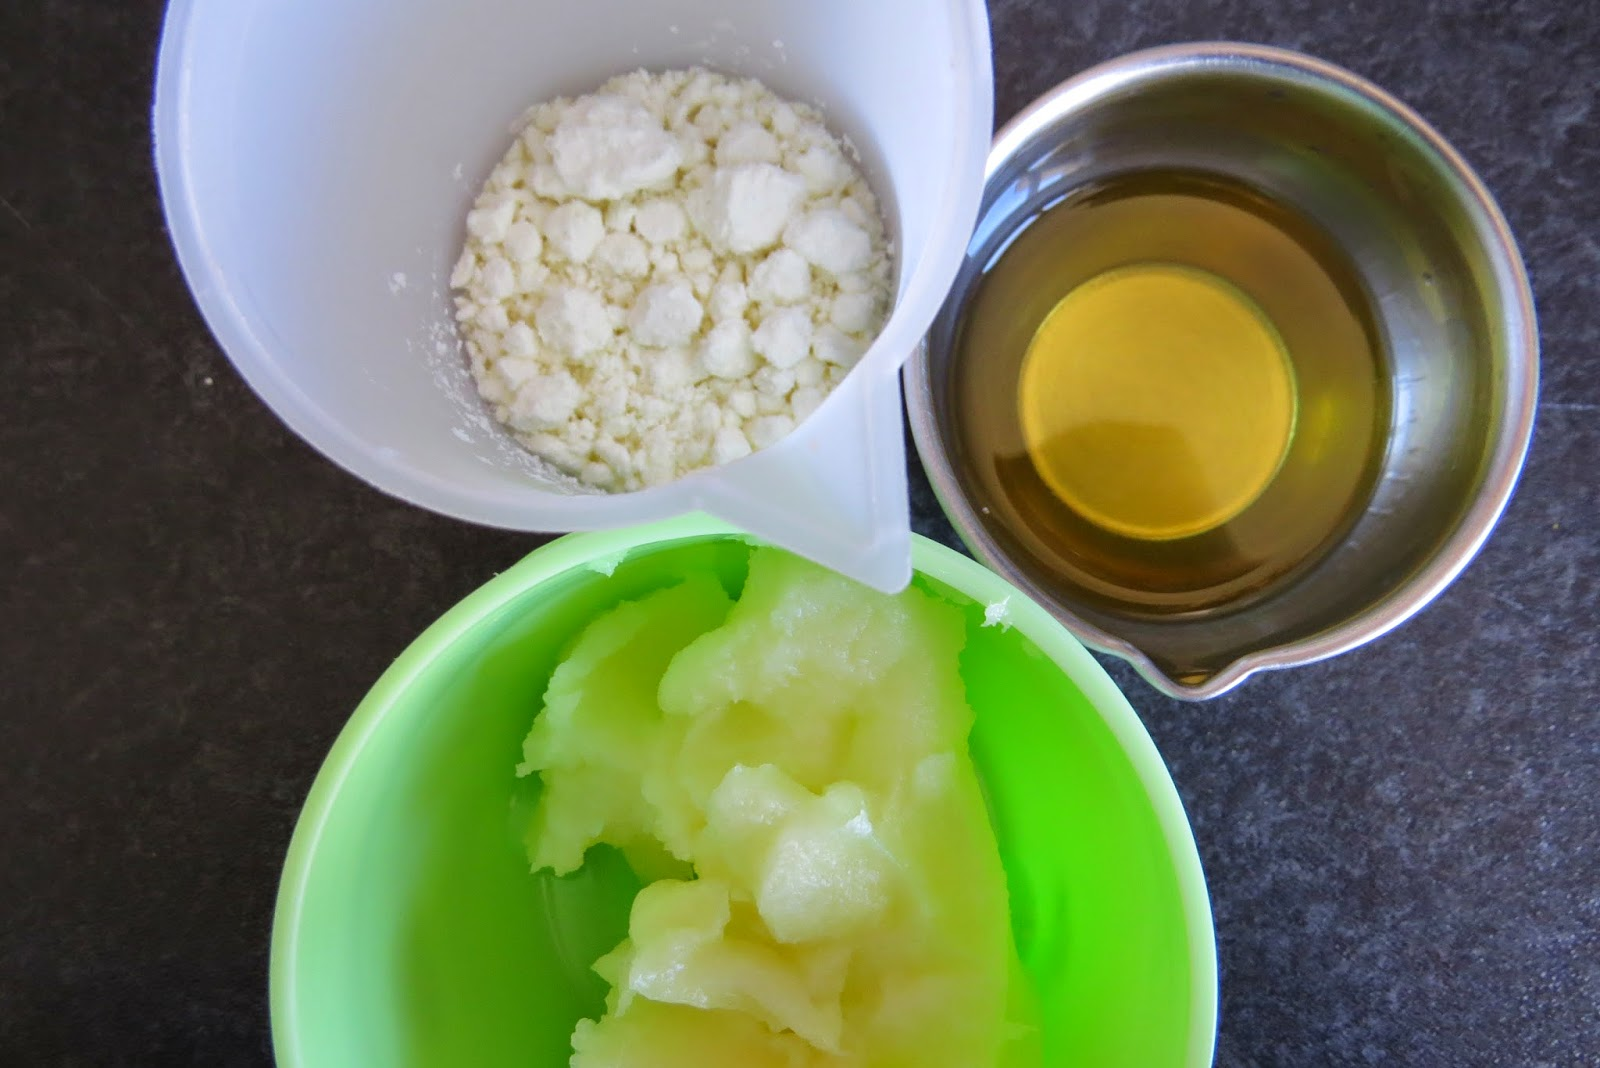 biotytille savon sp cial visage au lait d 39 nesse et au beurre de karit. Black Bedroom Furniture Sets. Home Design Ideas